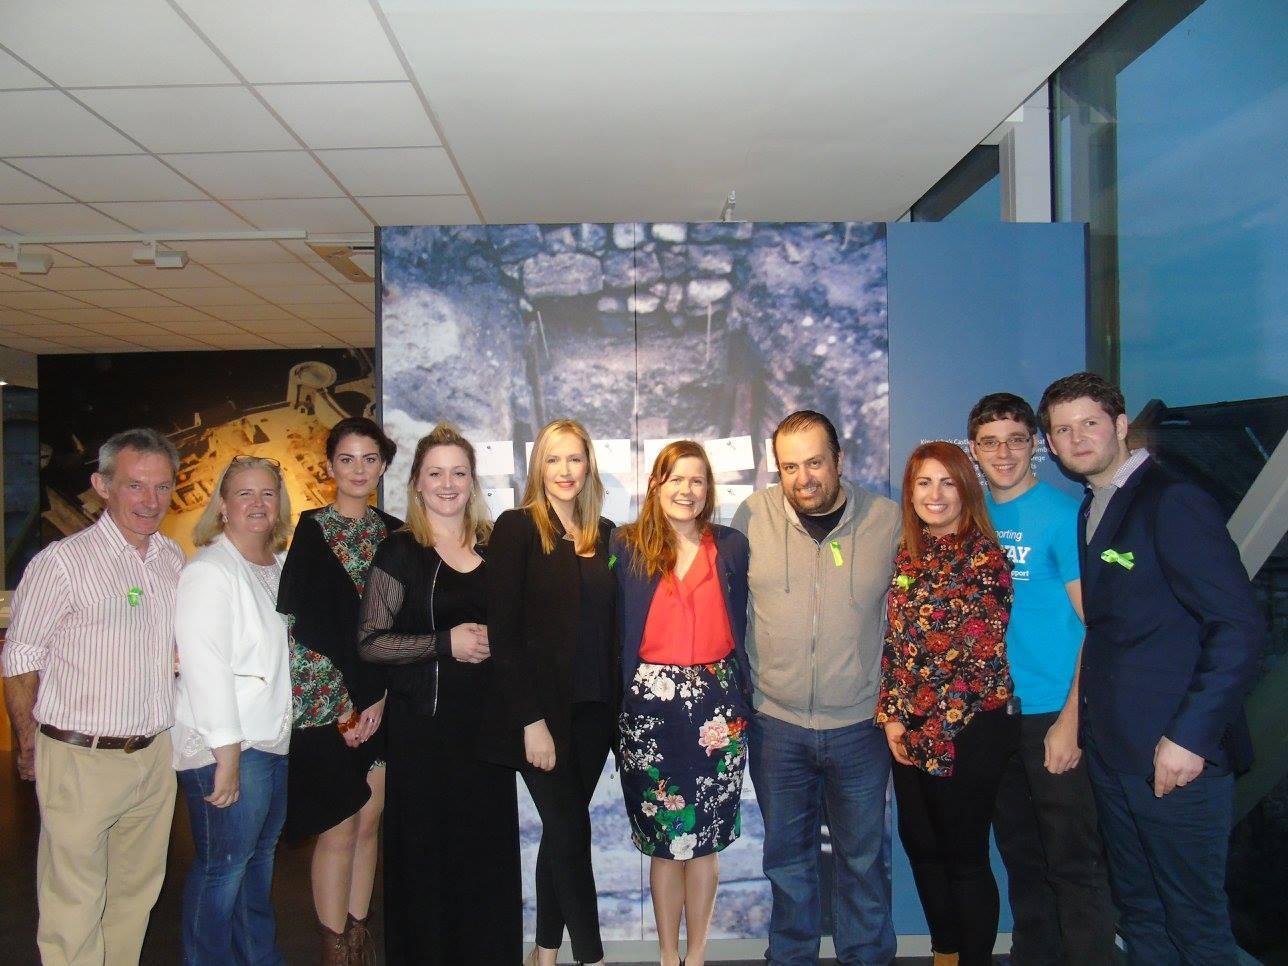 Part of Limerick Mental Health week committee